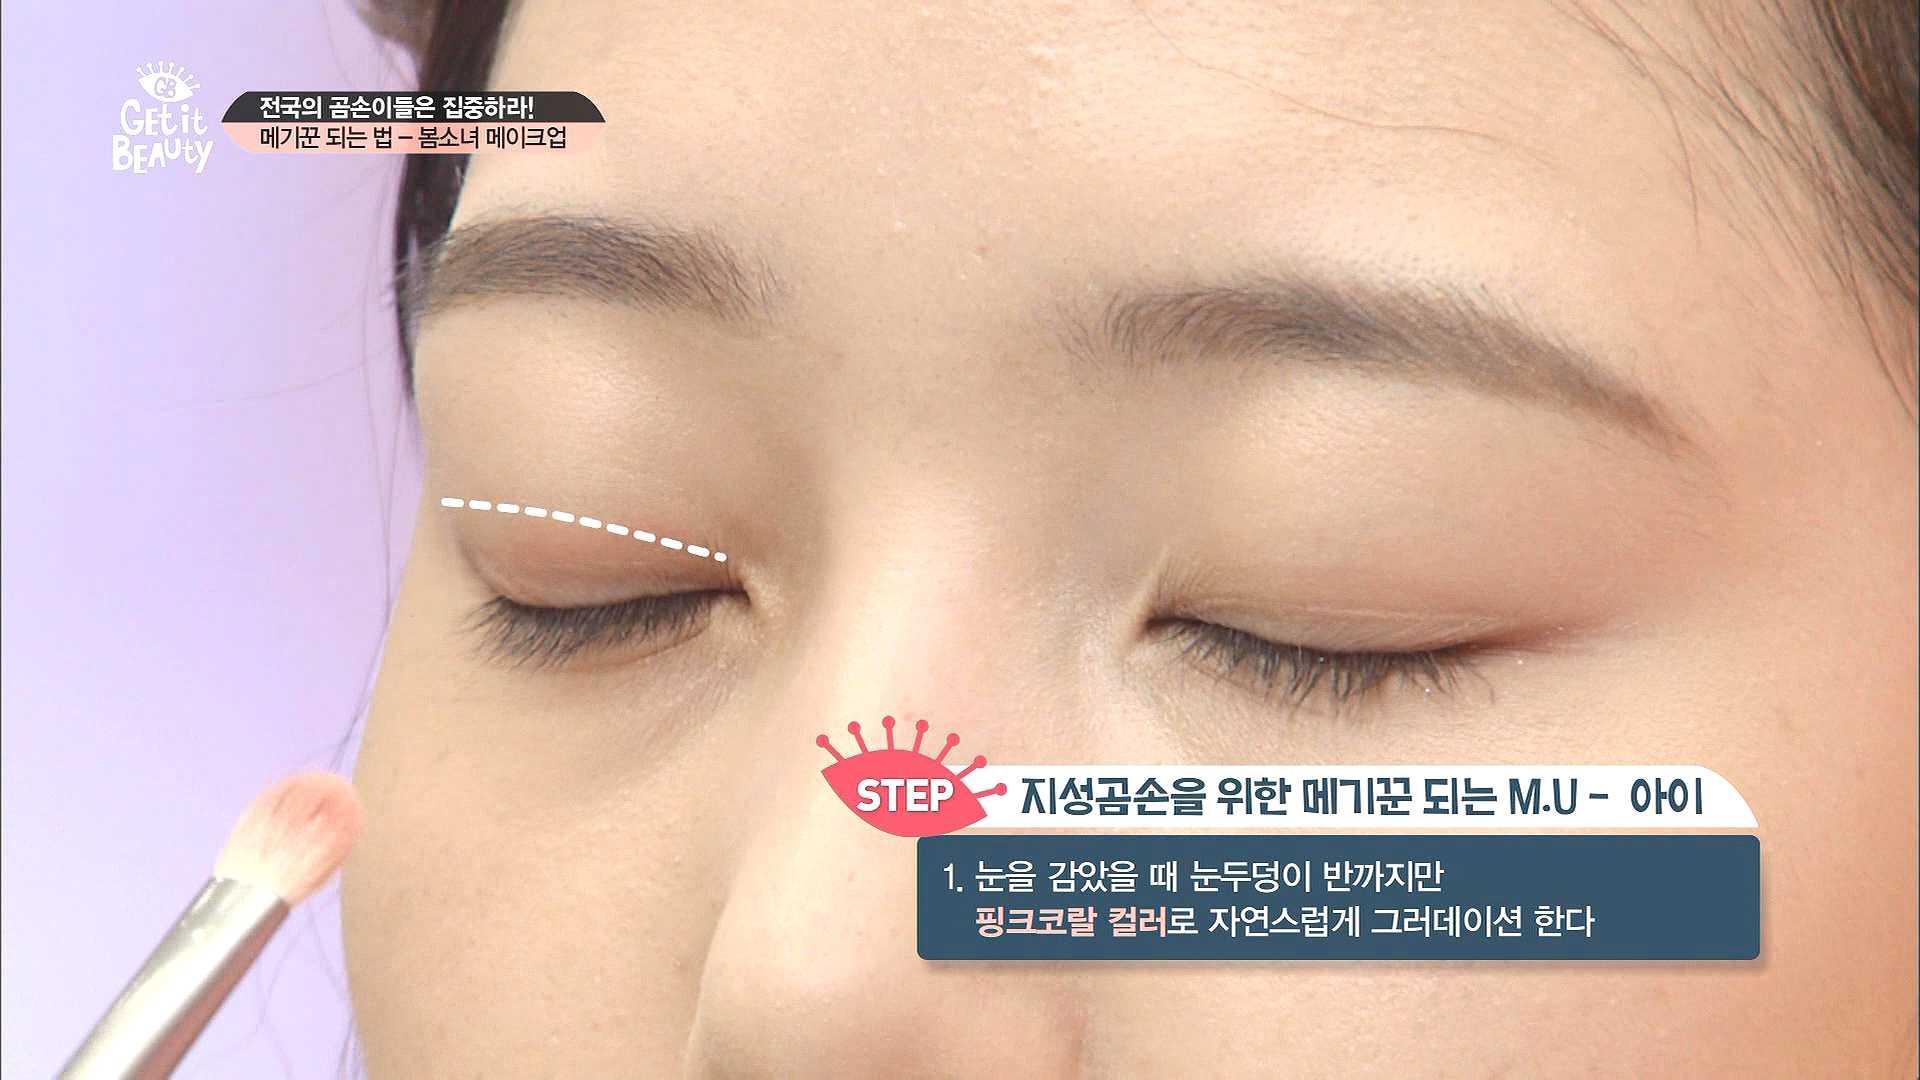 첫번째, 눈을 감았을 때 눈두덩이 반까지만 핑크코랄 컬러로 자연스럽게 그러데이션 합니다